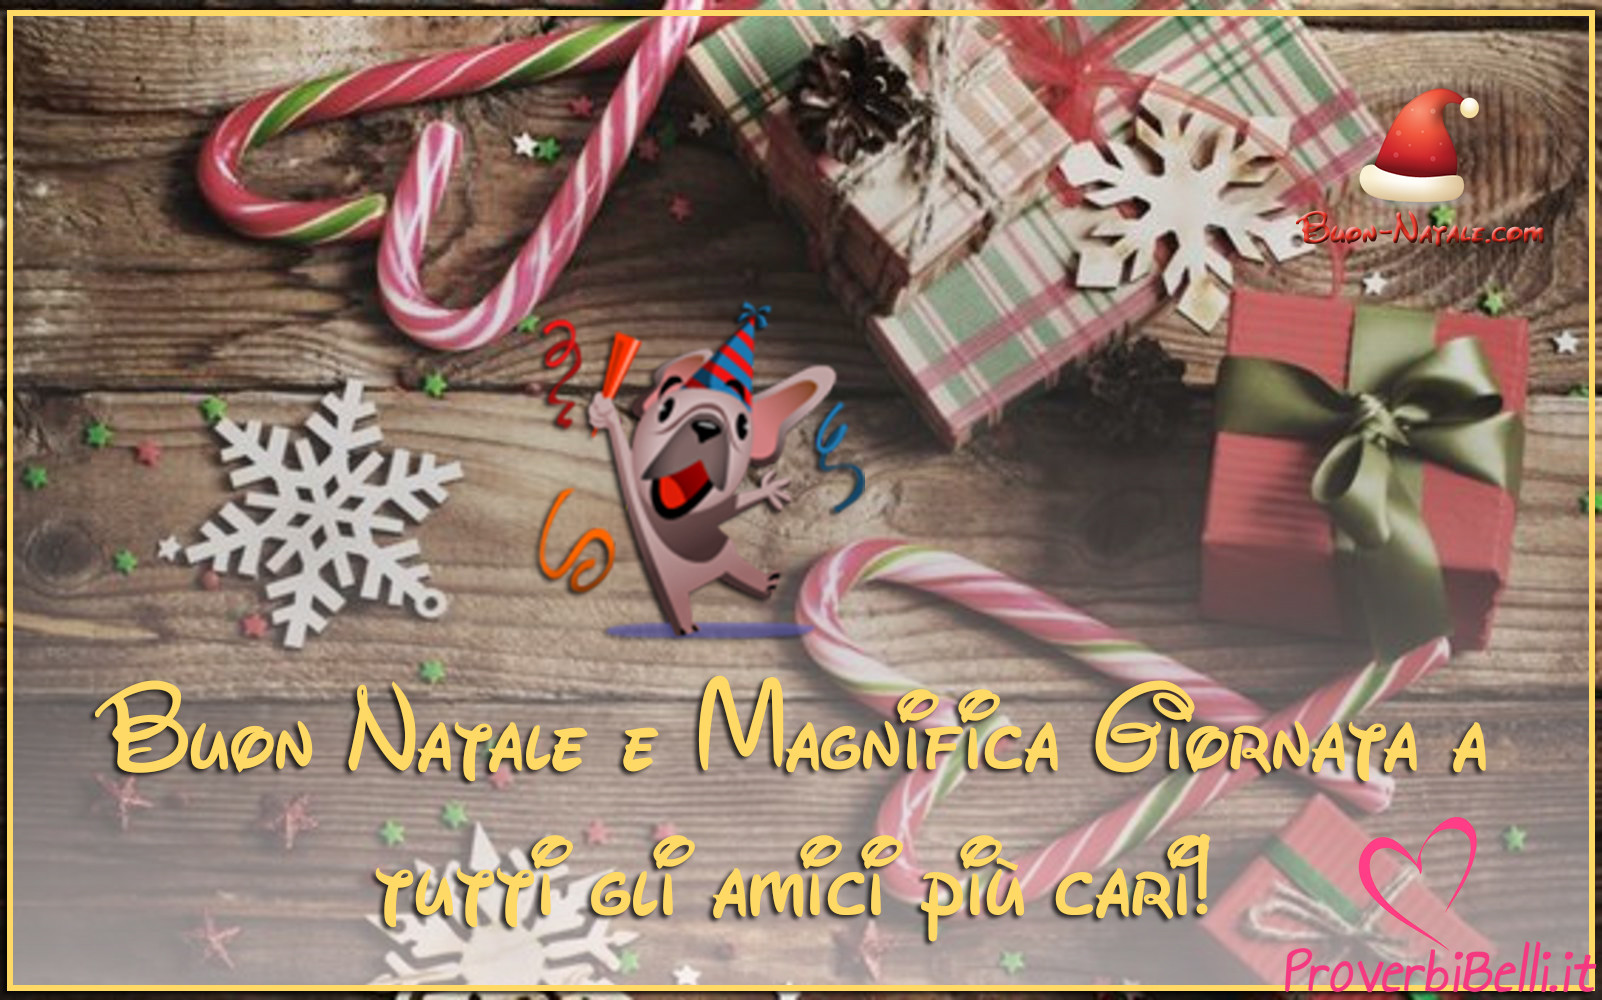 Immagini Belle Buon Natale da Mandare su Whatsapp